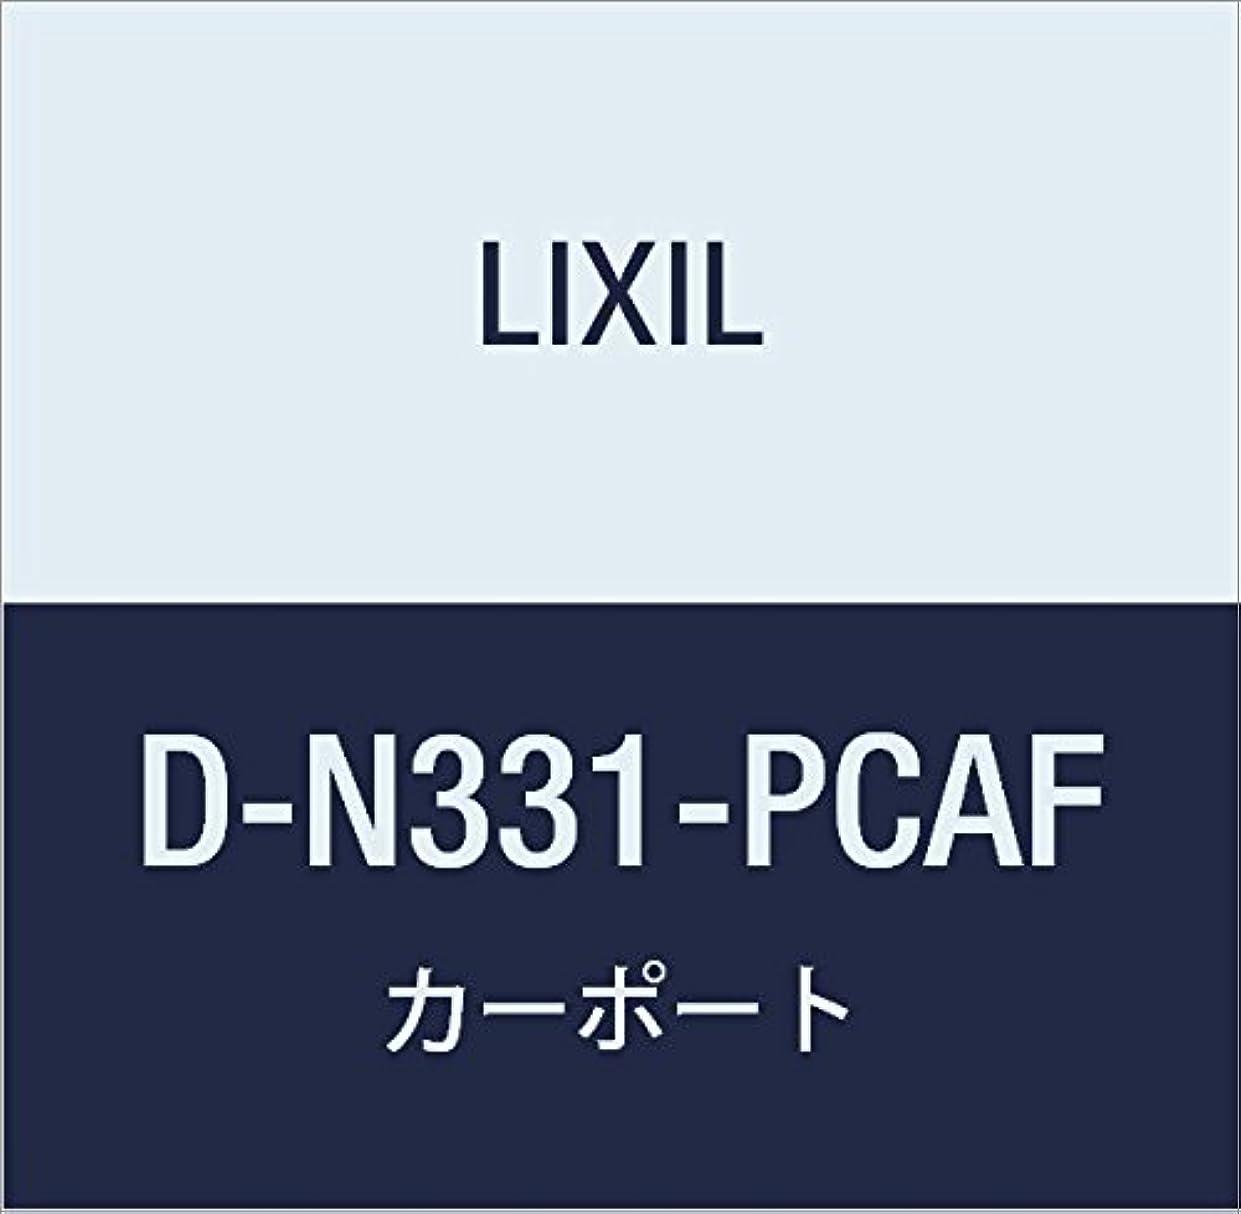 新年ナンセンス何故なのLIXIL(リクシル) TOEX テリオスIIIサイドパネル連棟部材セット 1段用 L60D D-N331-PCAF